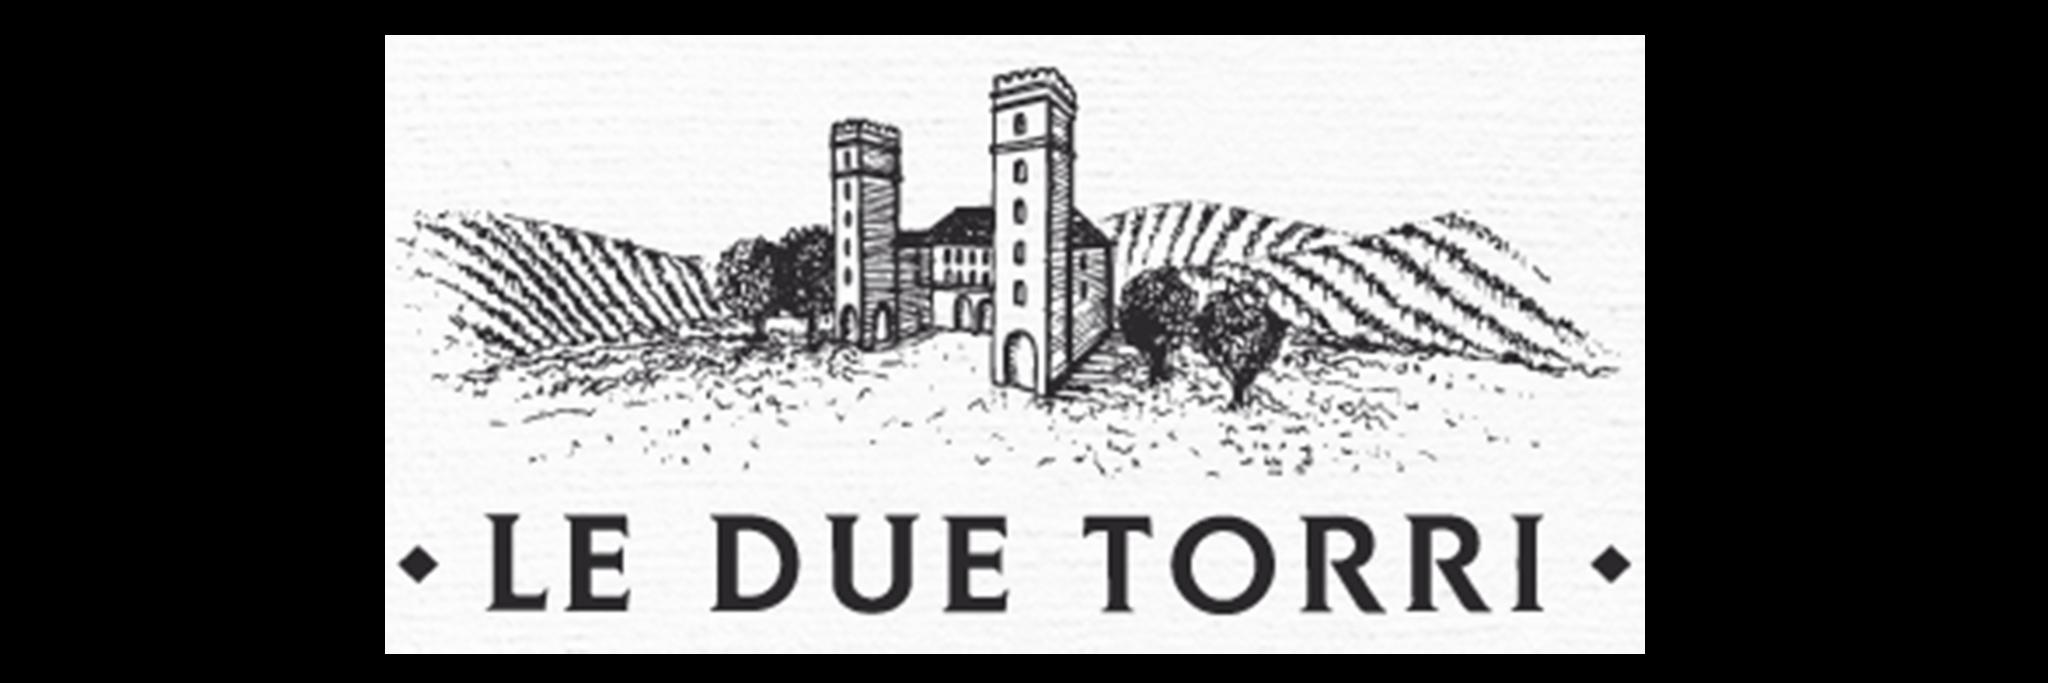 LE DUE TORRI